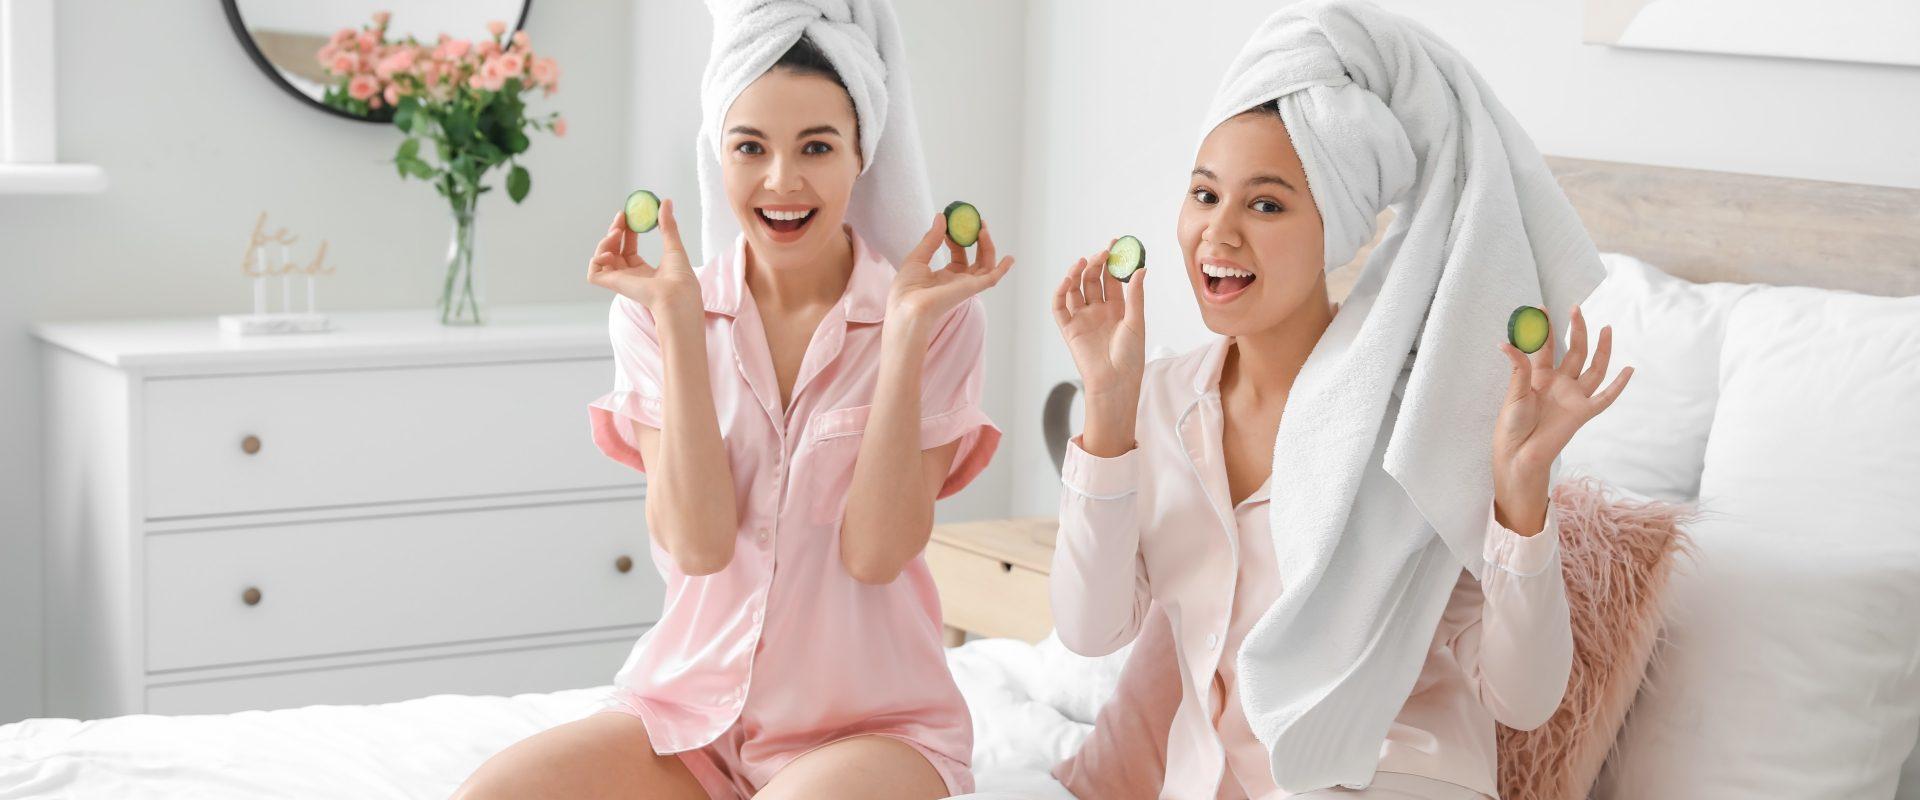 Domowe maseczki na twarz z letnich owoców. Dwie przyjaciółki organizują domowe SPA - nakładają maseczki i pielęgnują twarz.